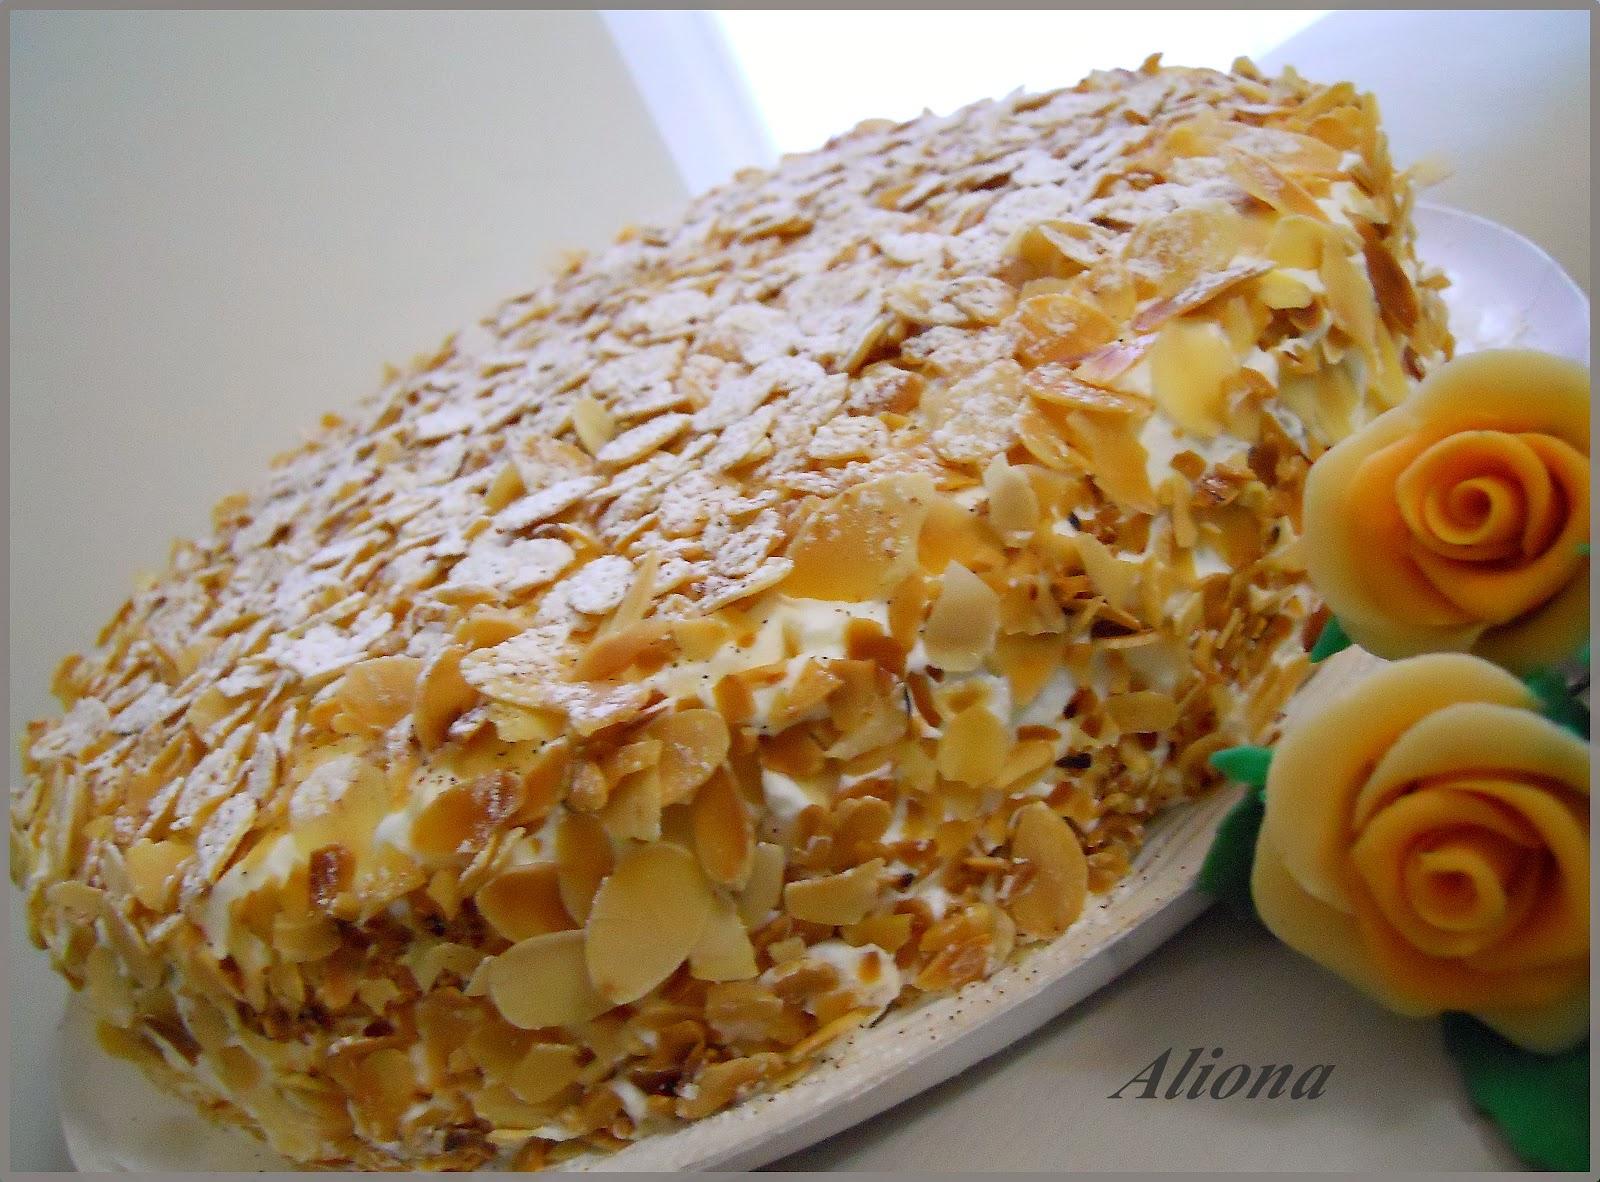 Dulces Aliona Tarta De Almendras Y Manzanas Caramelizadas  ~ Bizcocho De Almendras Esponjoso